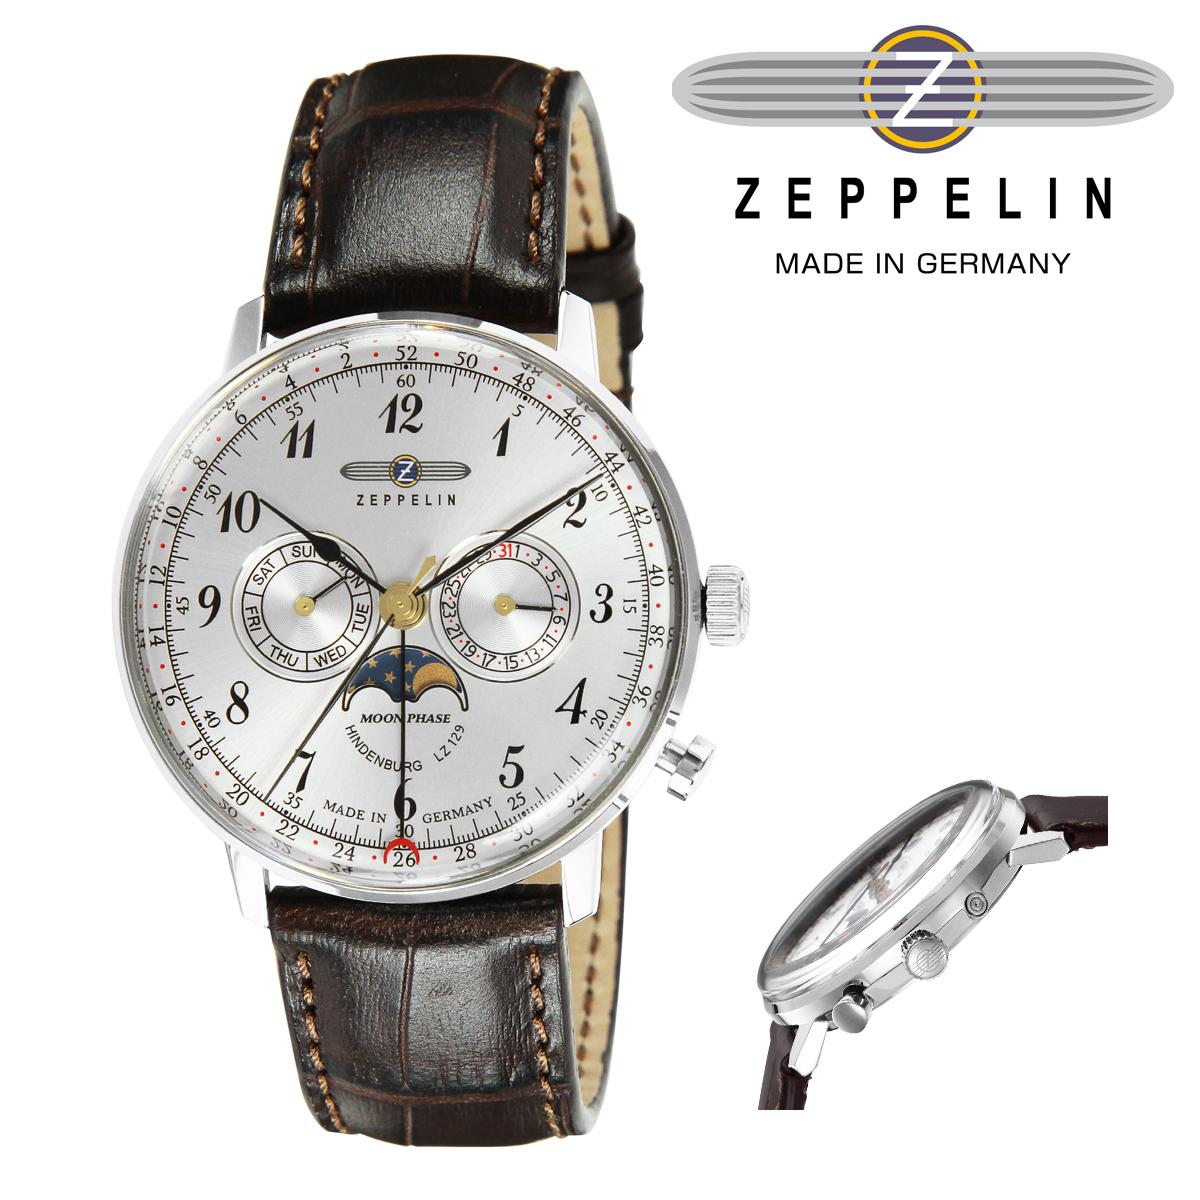 ツェッペリン 腕時計 HINDENBURGmoonphase 1875887 メンズ ZEPPELIN ステンレススチール アクリルガラス 本革